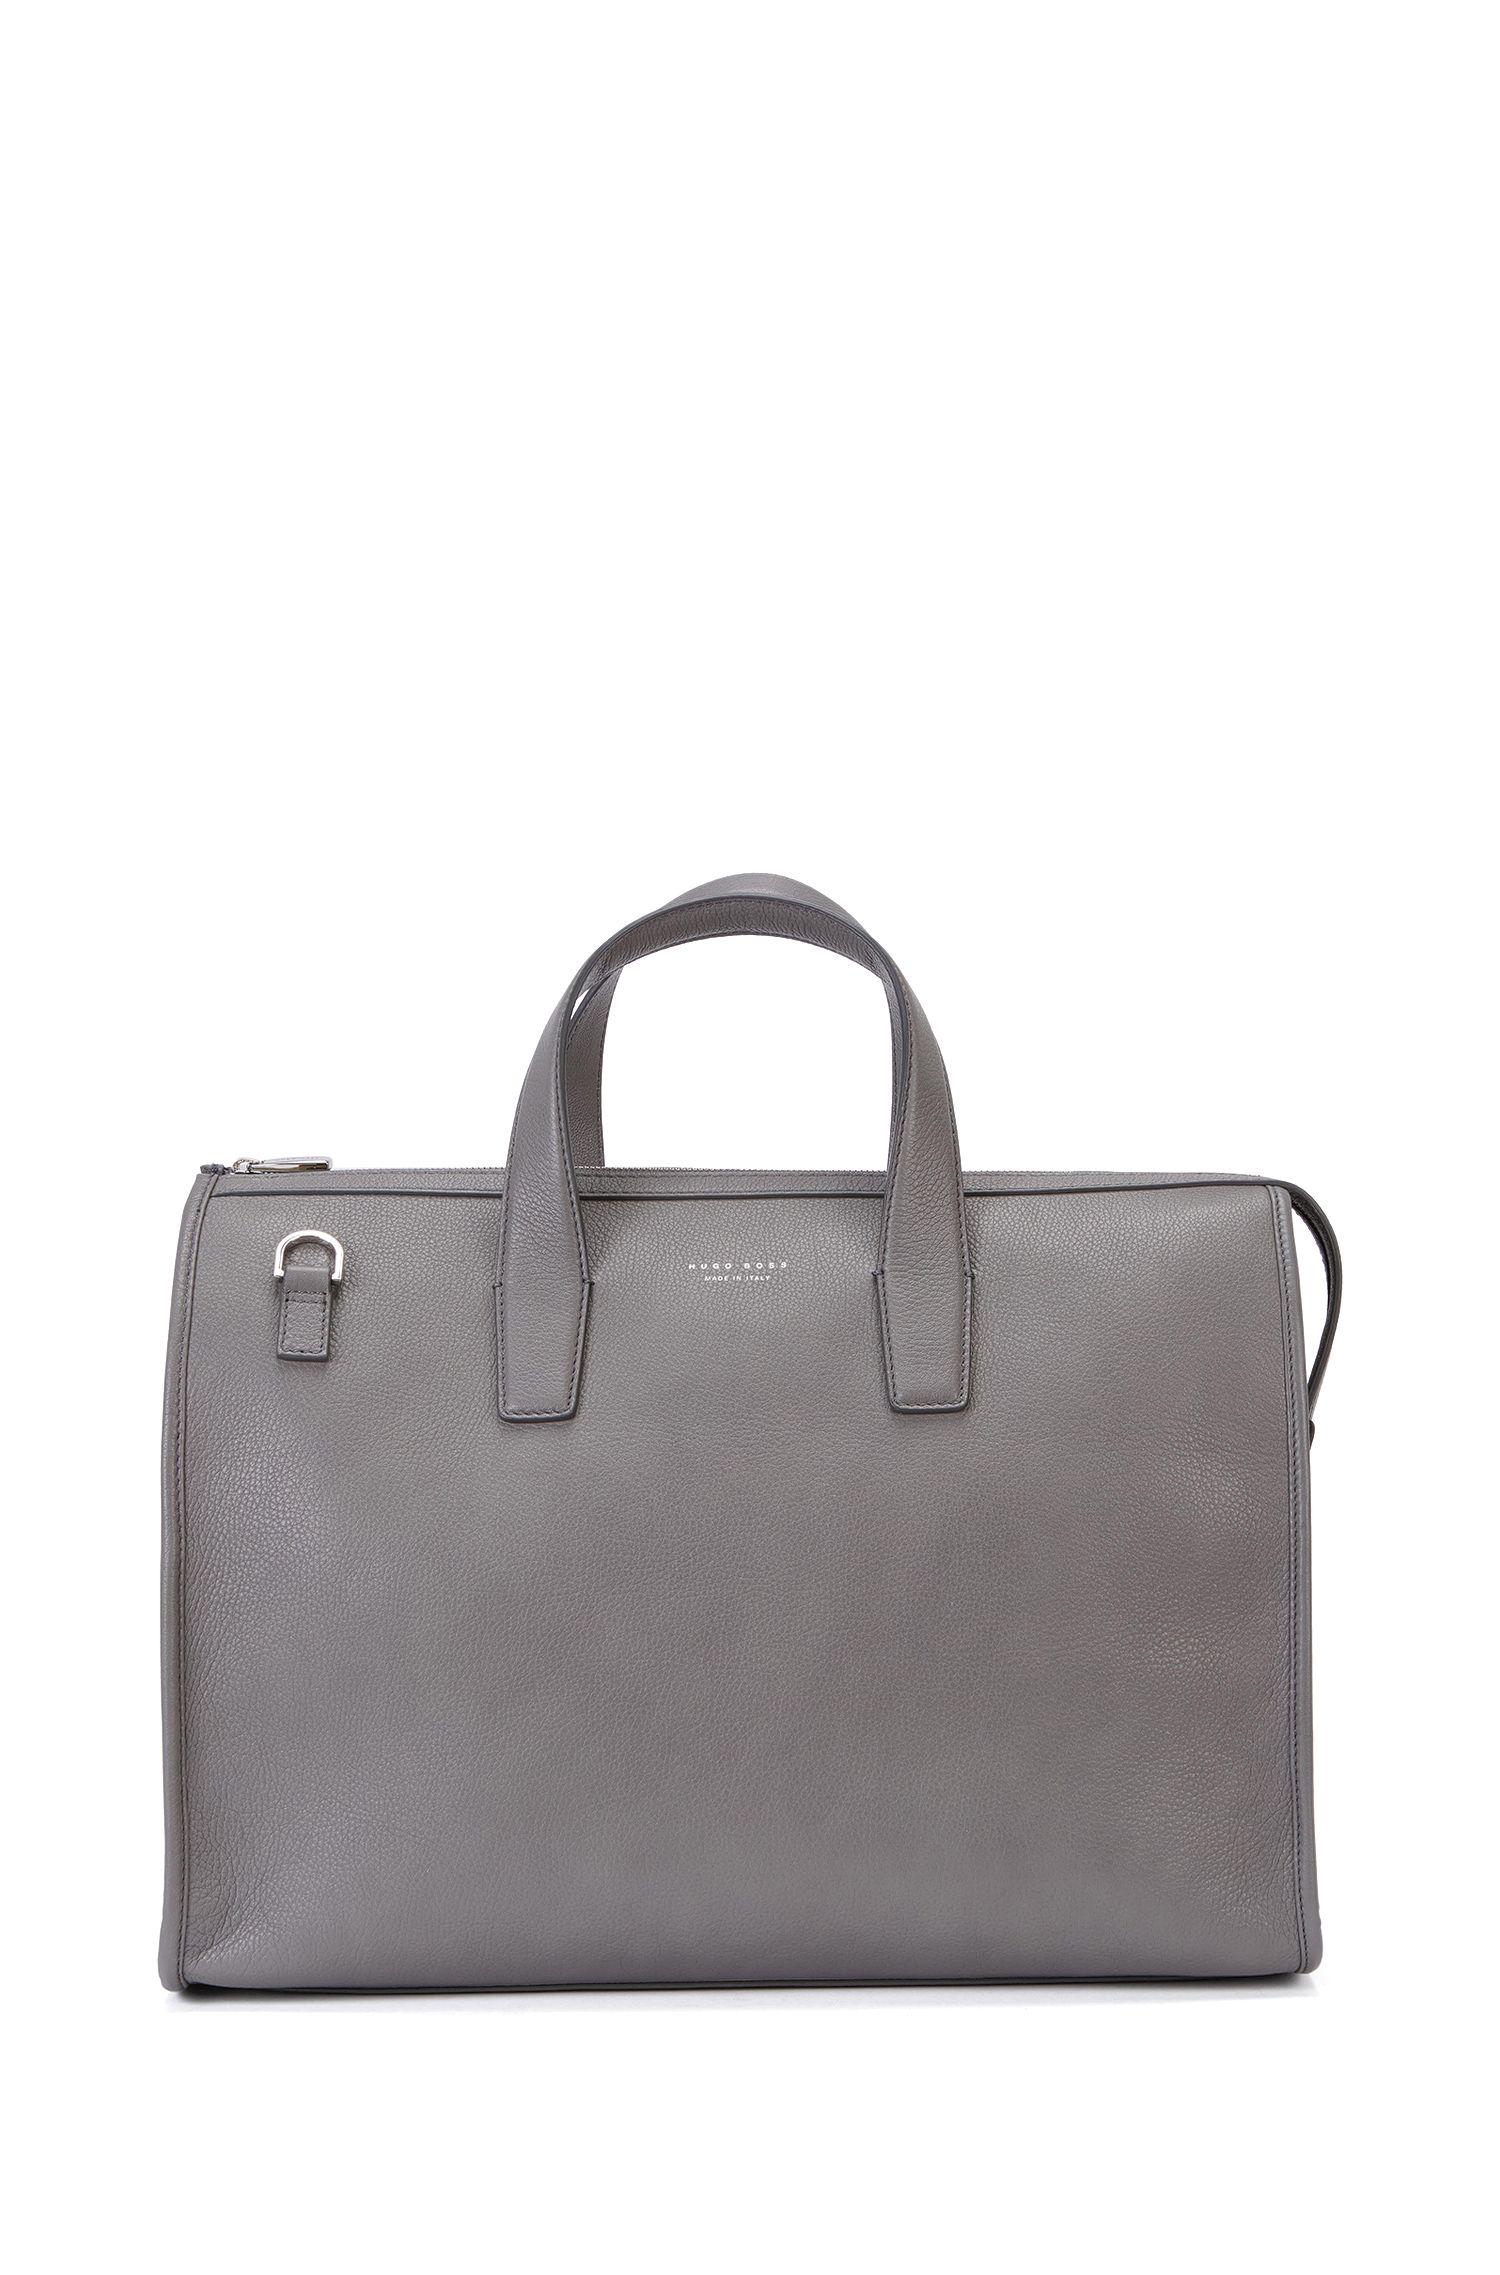 'Elegance Holdall' | Italian Calfskin Weekender Bag, Detachable Shoulder Strap